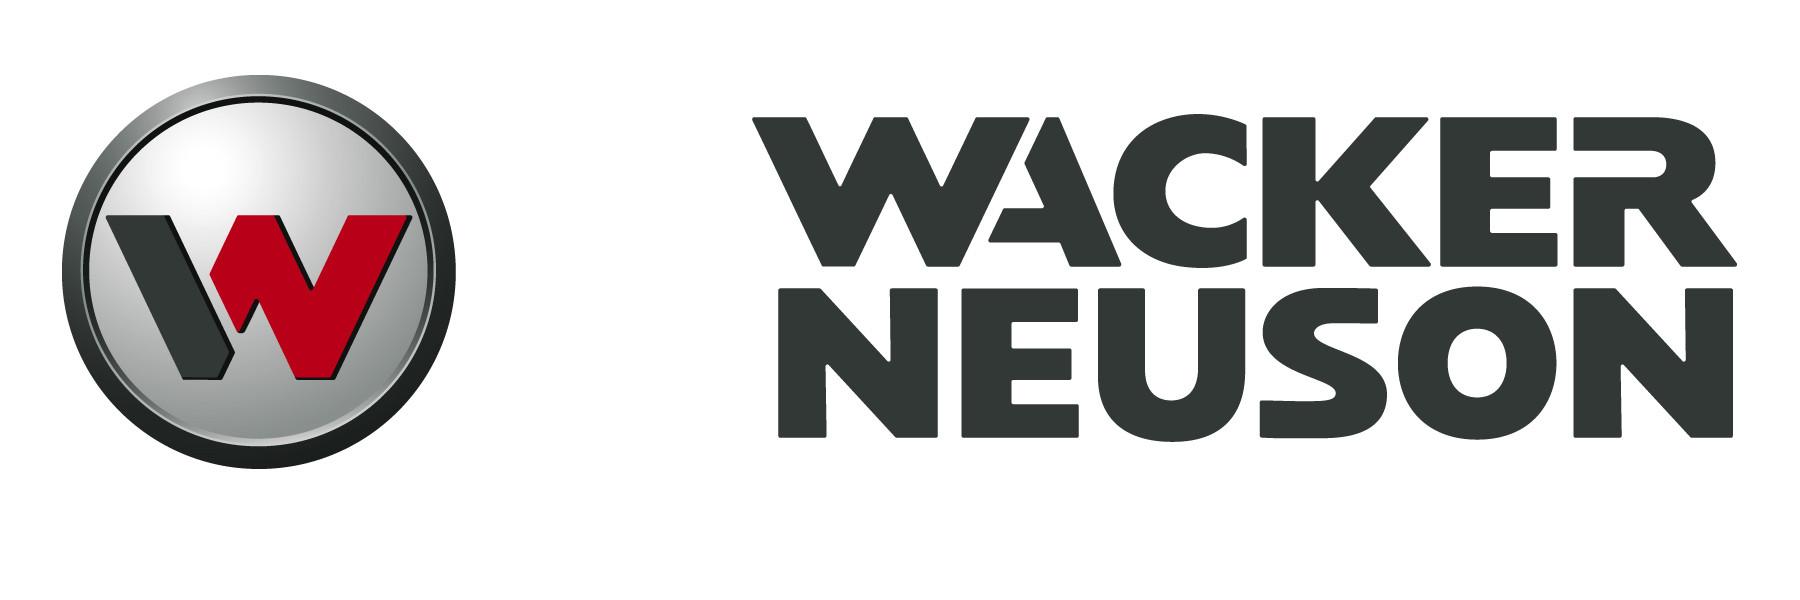 produkt - Wacker-Neuson